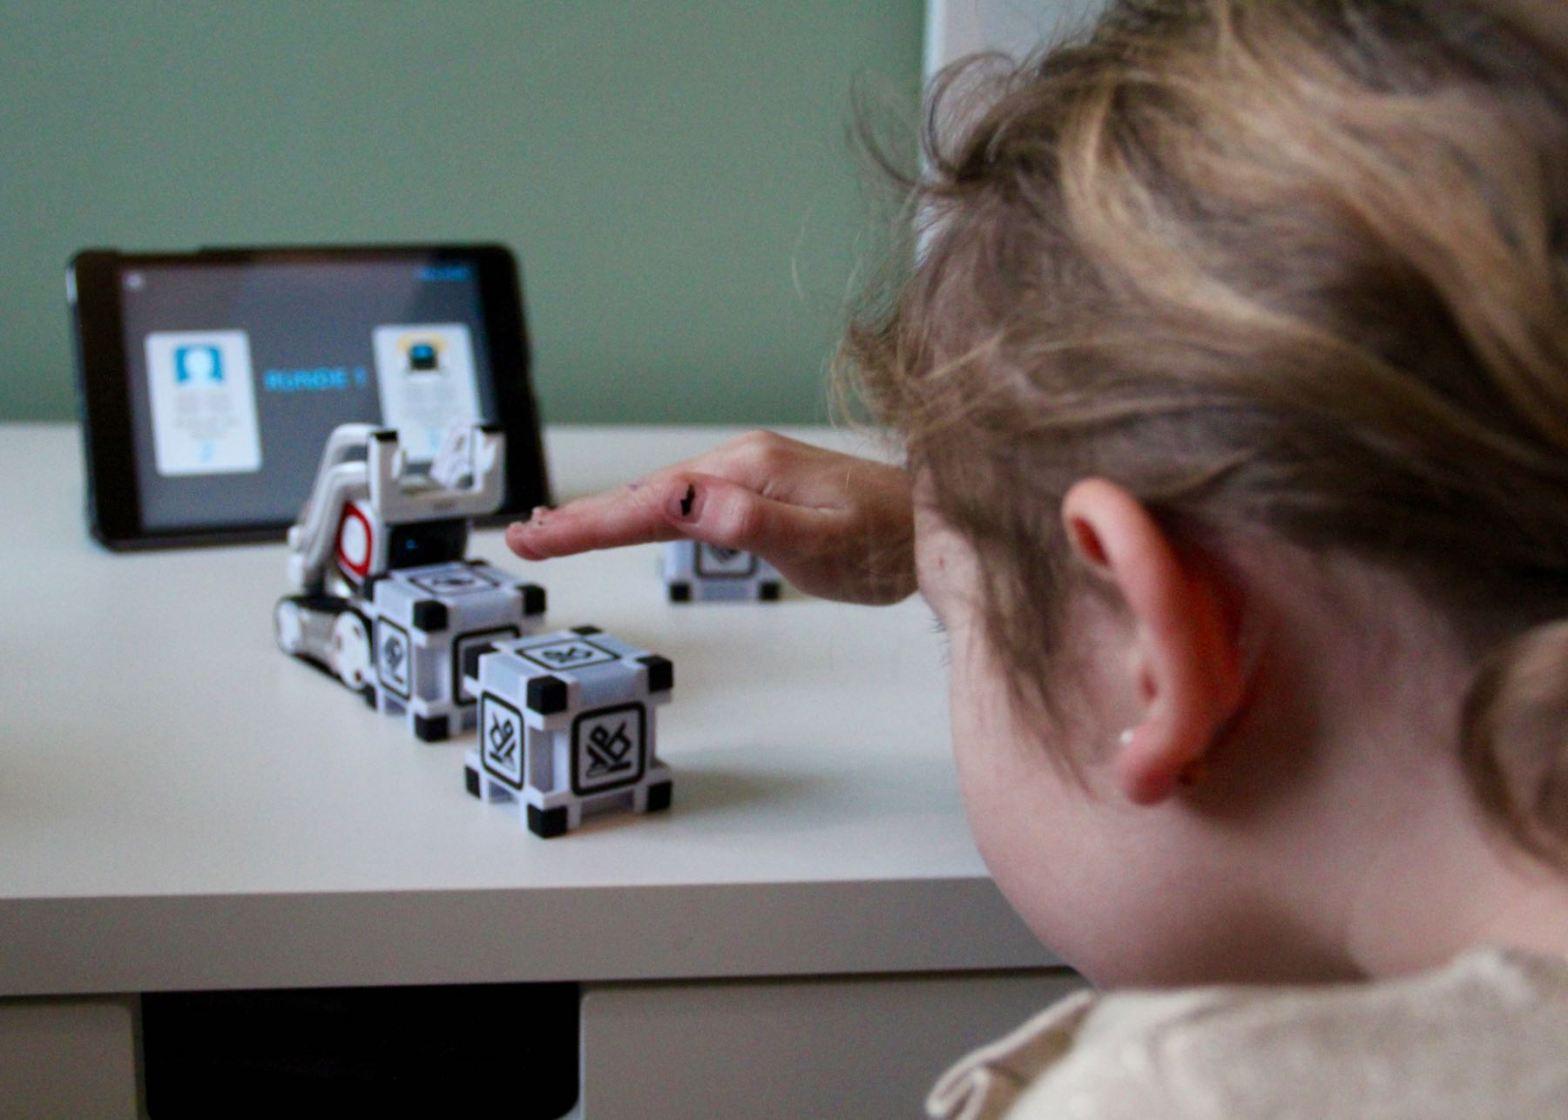 Anki Cozmo Erfahrungsbericht: Der Cozmo Roboter im Test